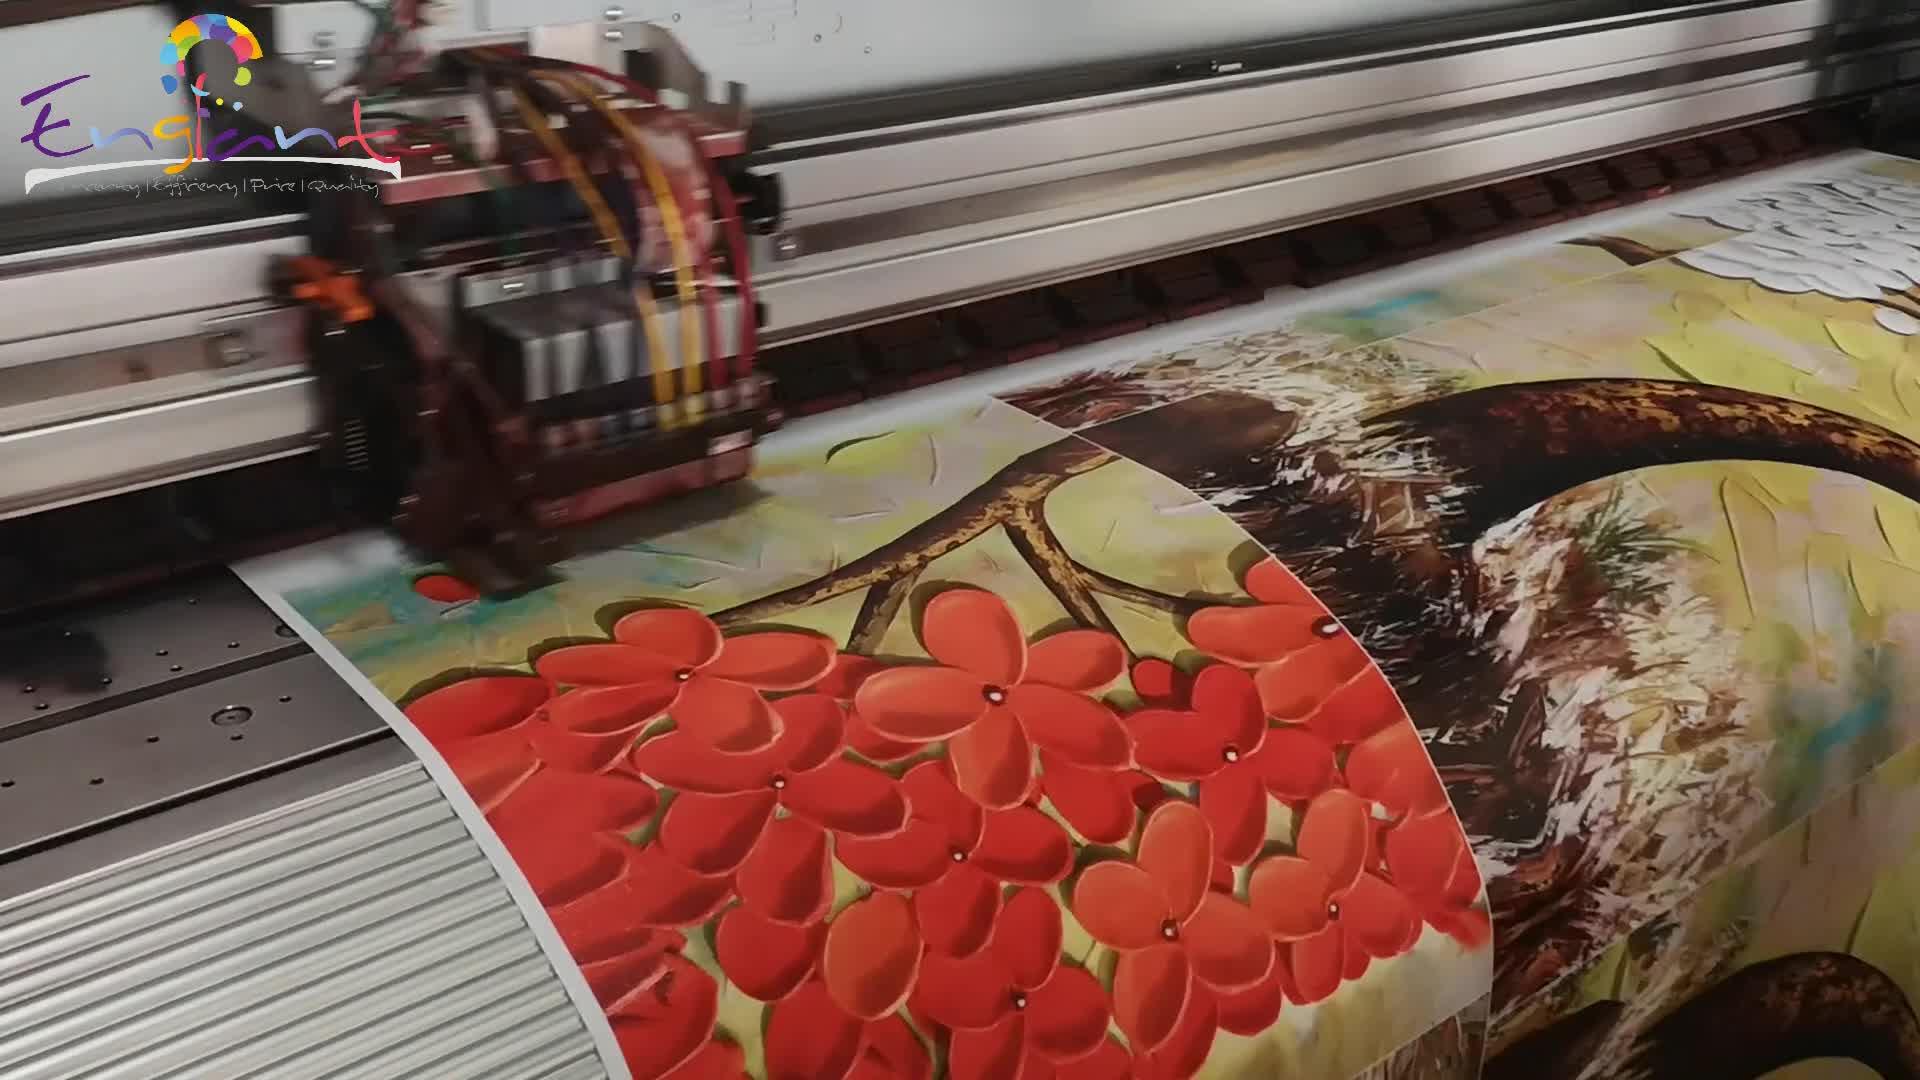 HD 5 mảnh màu đỏ flower tree palette knife dầu hiệu ứng trừu tượng hiện đại canvas in tranh khách sạn lớn trang trí tường nghệ thuật